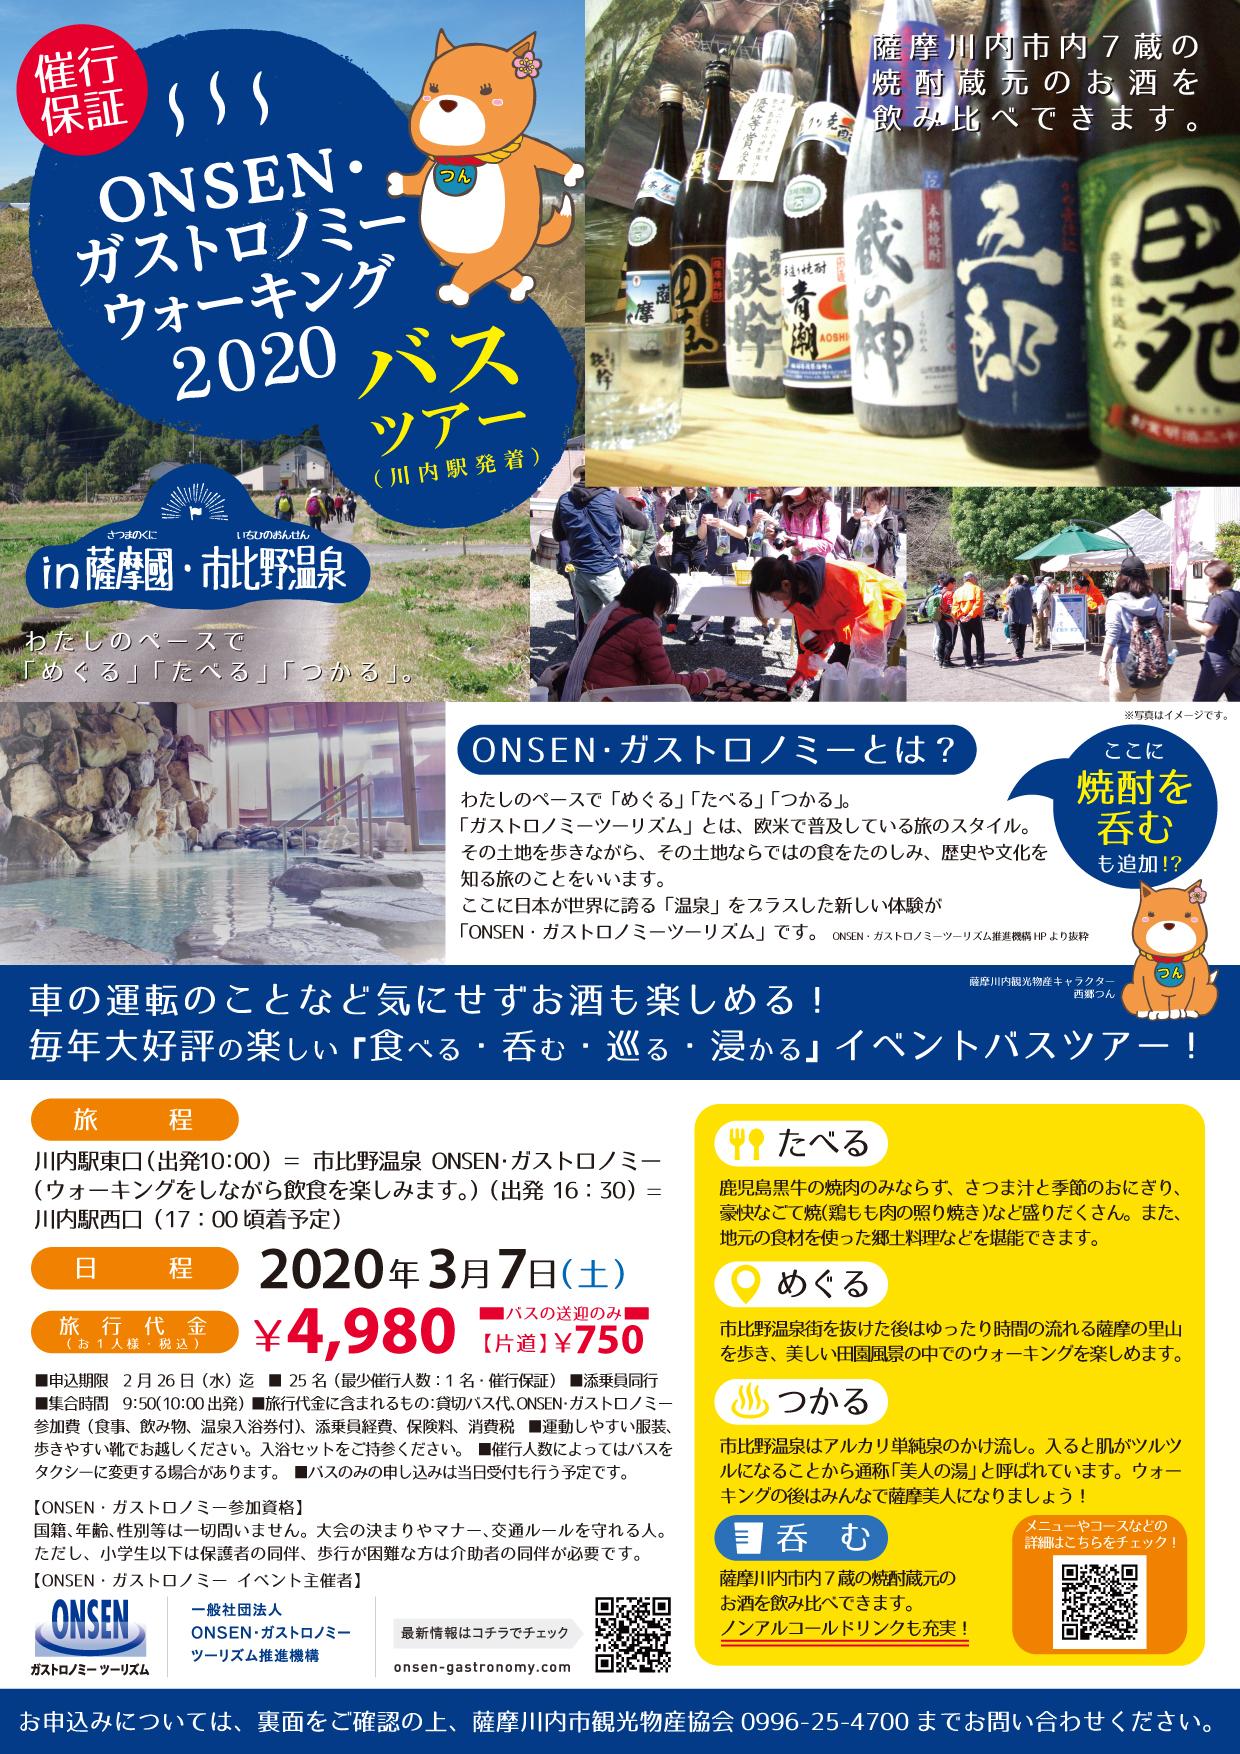 【開催中止】バスツアー2020 ONSEN・ガストロノミーウォーキング in 薩摩國・ 市比野温泉